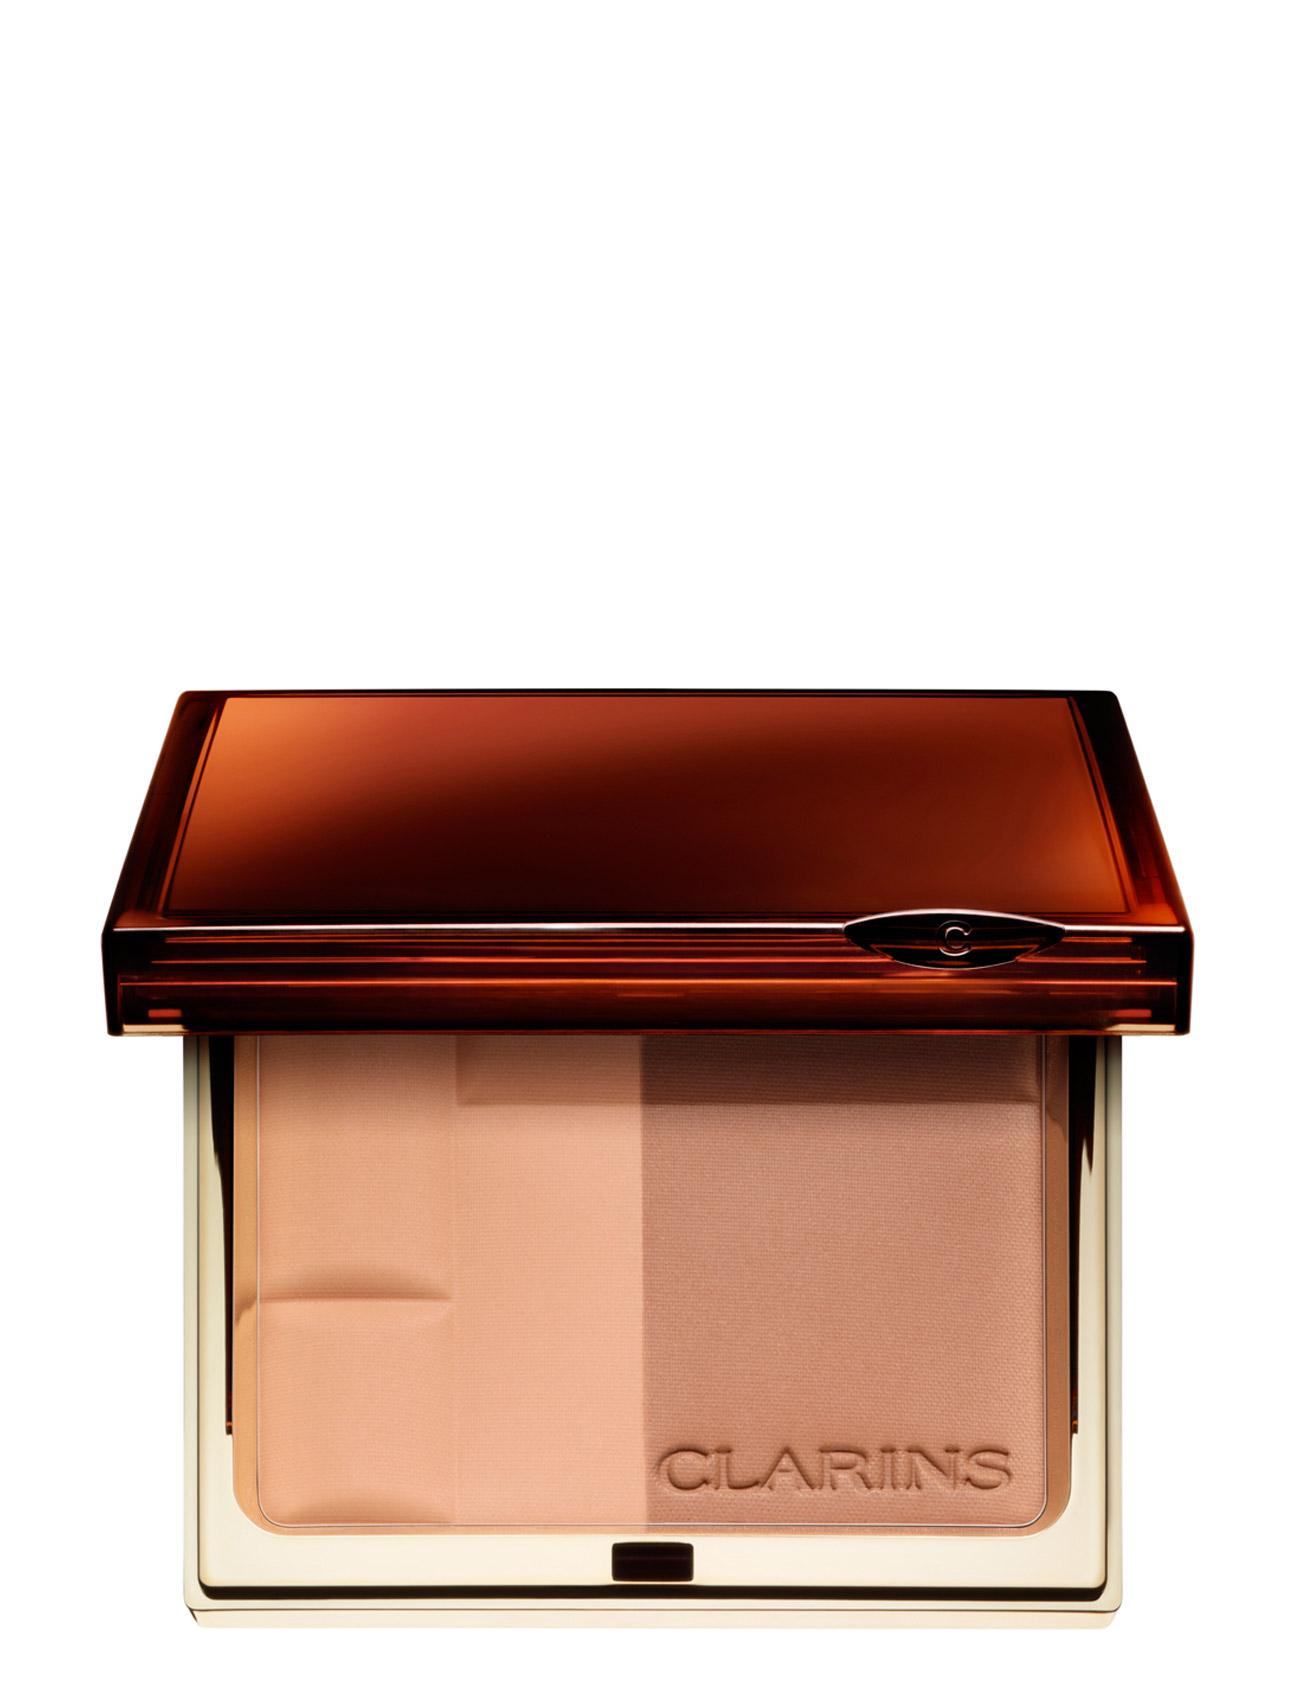 clarins Clarins bronzing duo spf15 powder c fra boozt.com dk